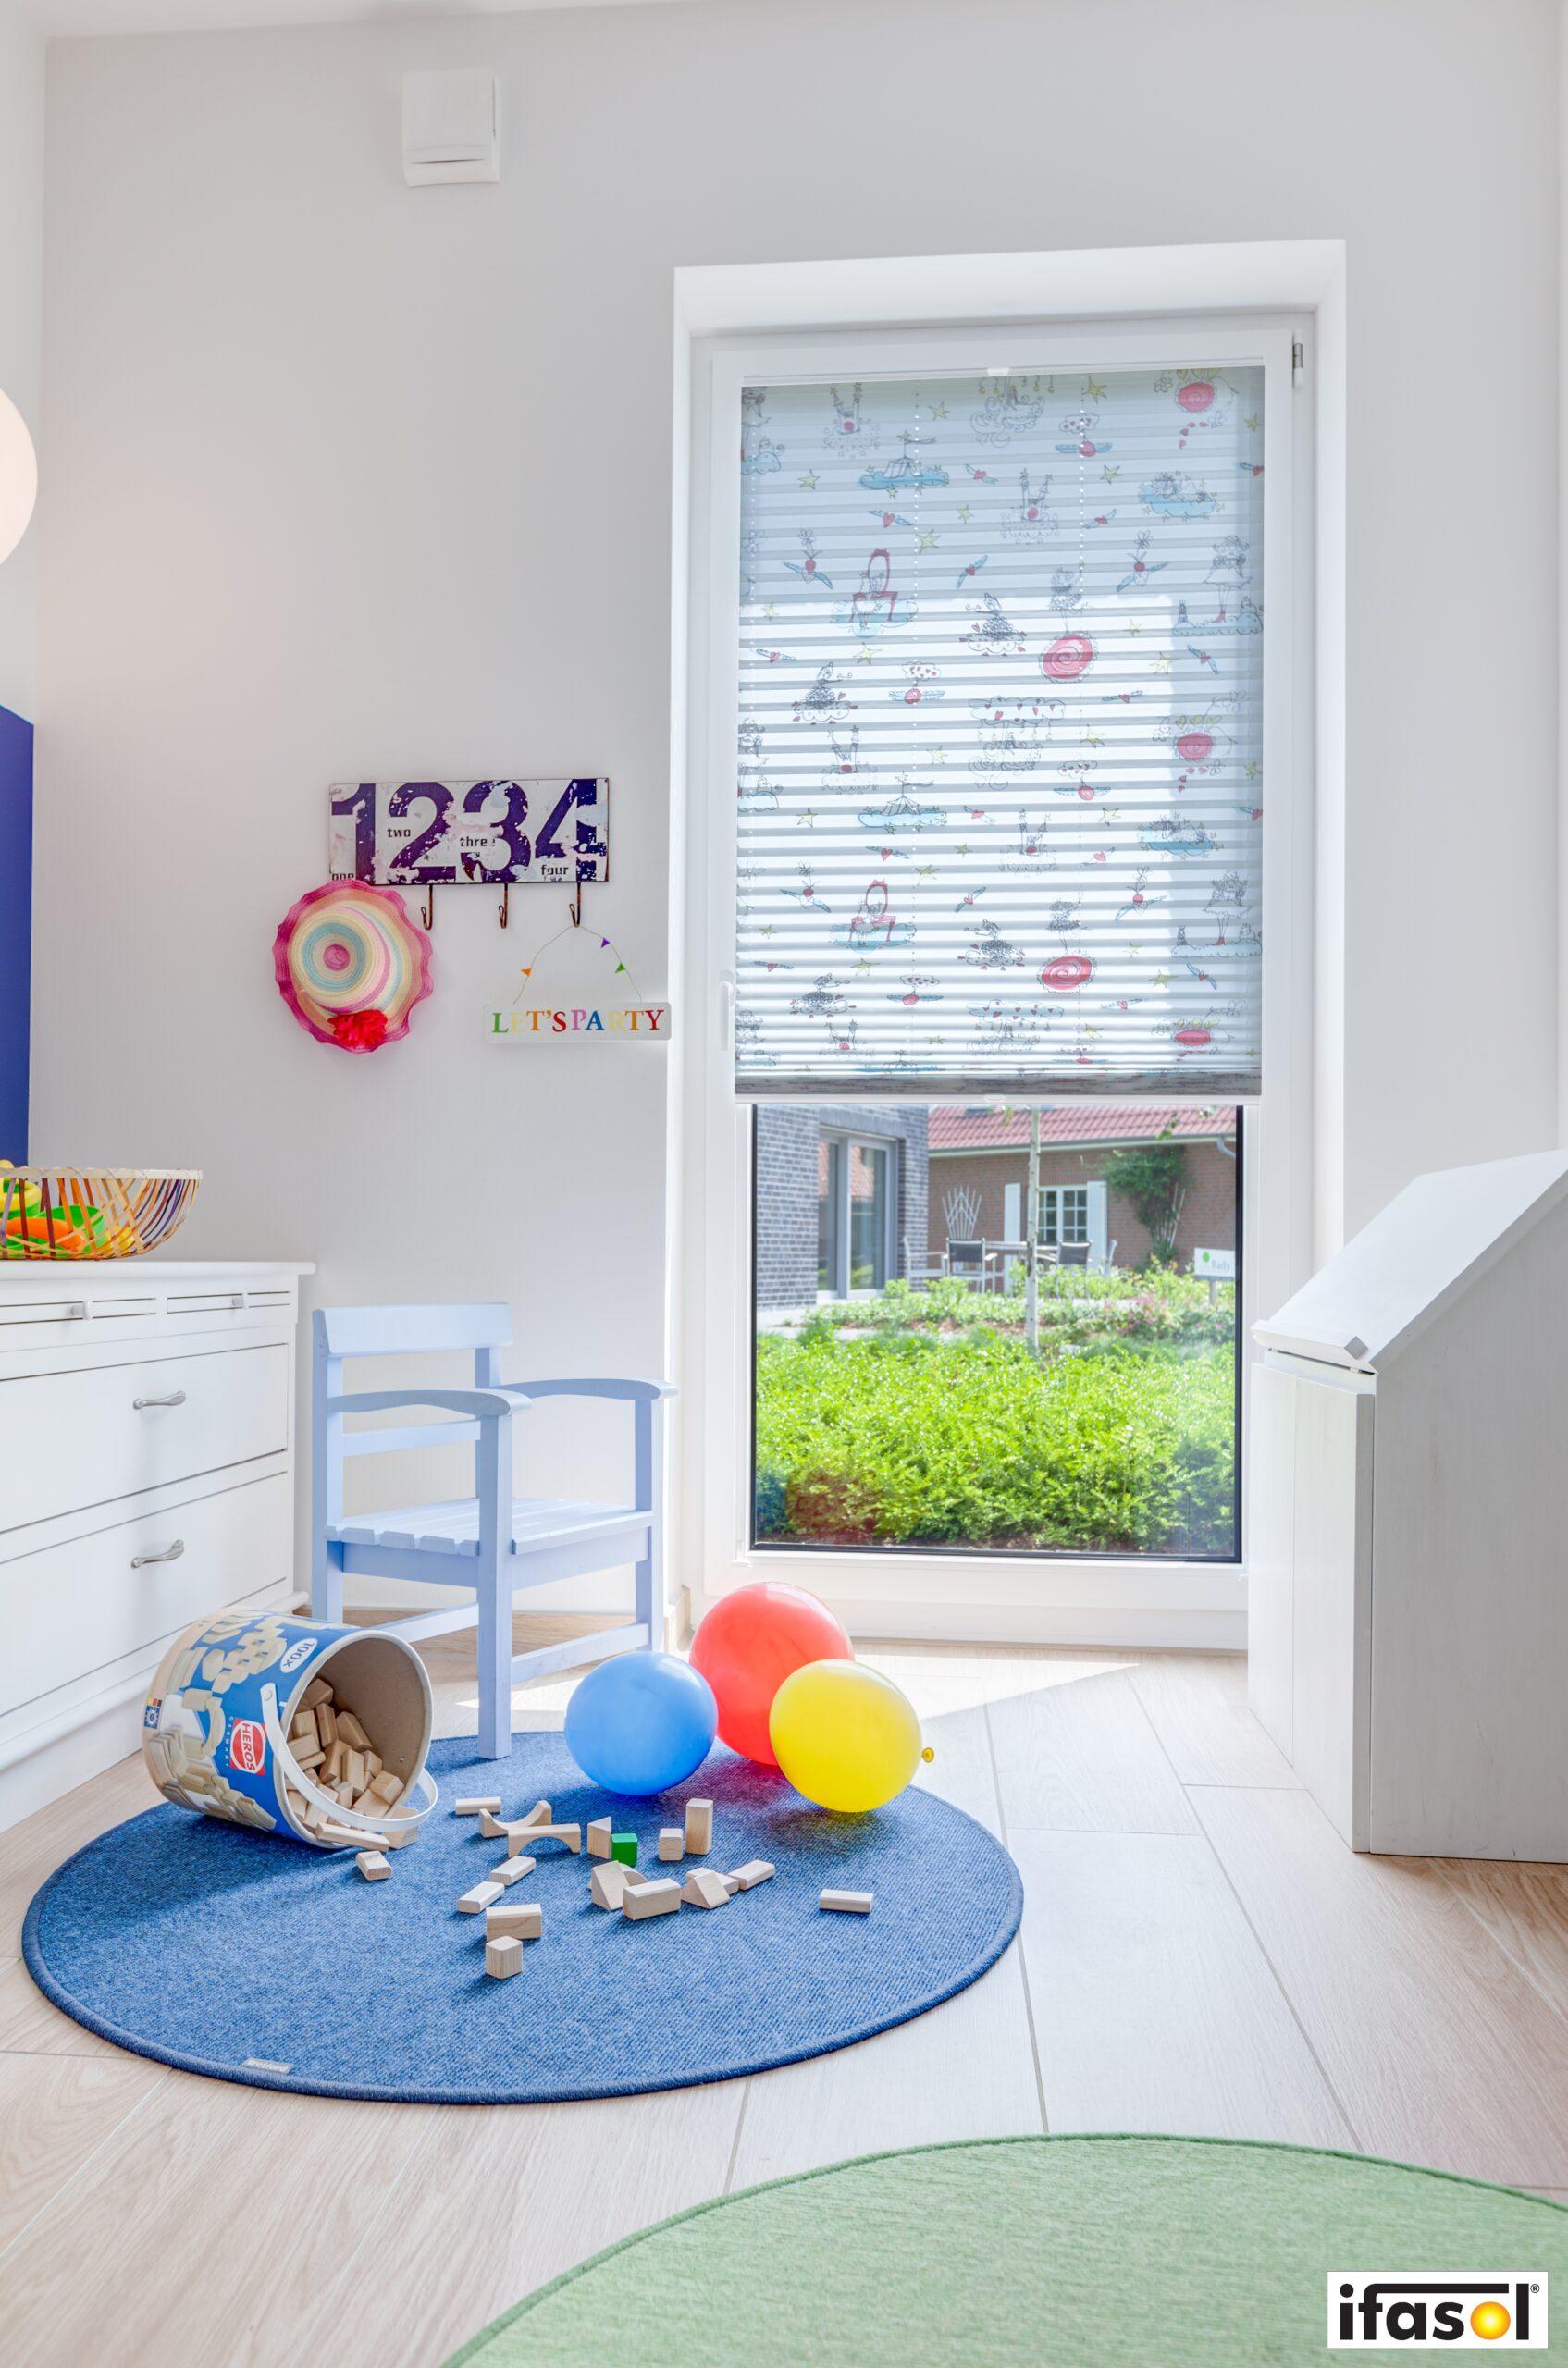 Full Size of Plissee Kinderzimmer Fr Ihr Schlafzimmer Ttl Ttm Regal Sofa Regale Fenster Weiß Kinderzimmer Plissee Kinderzimmer